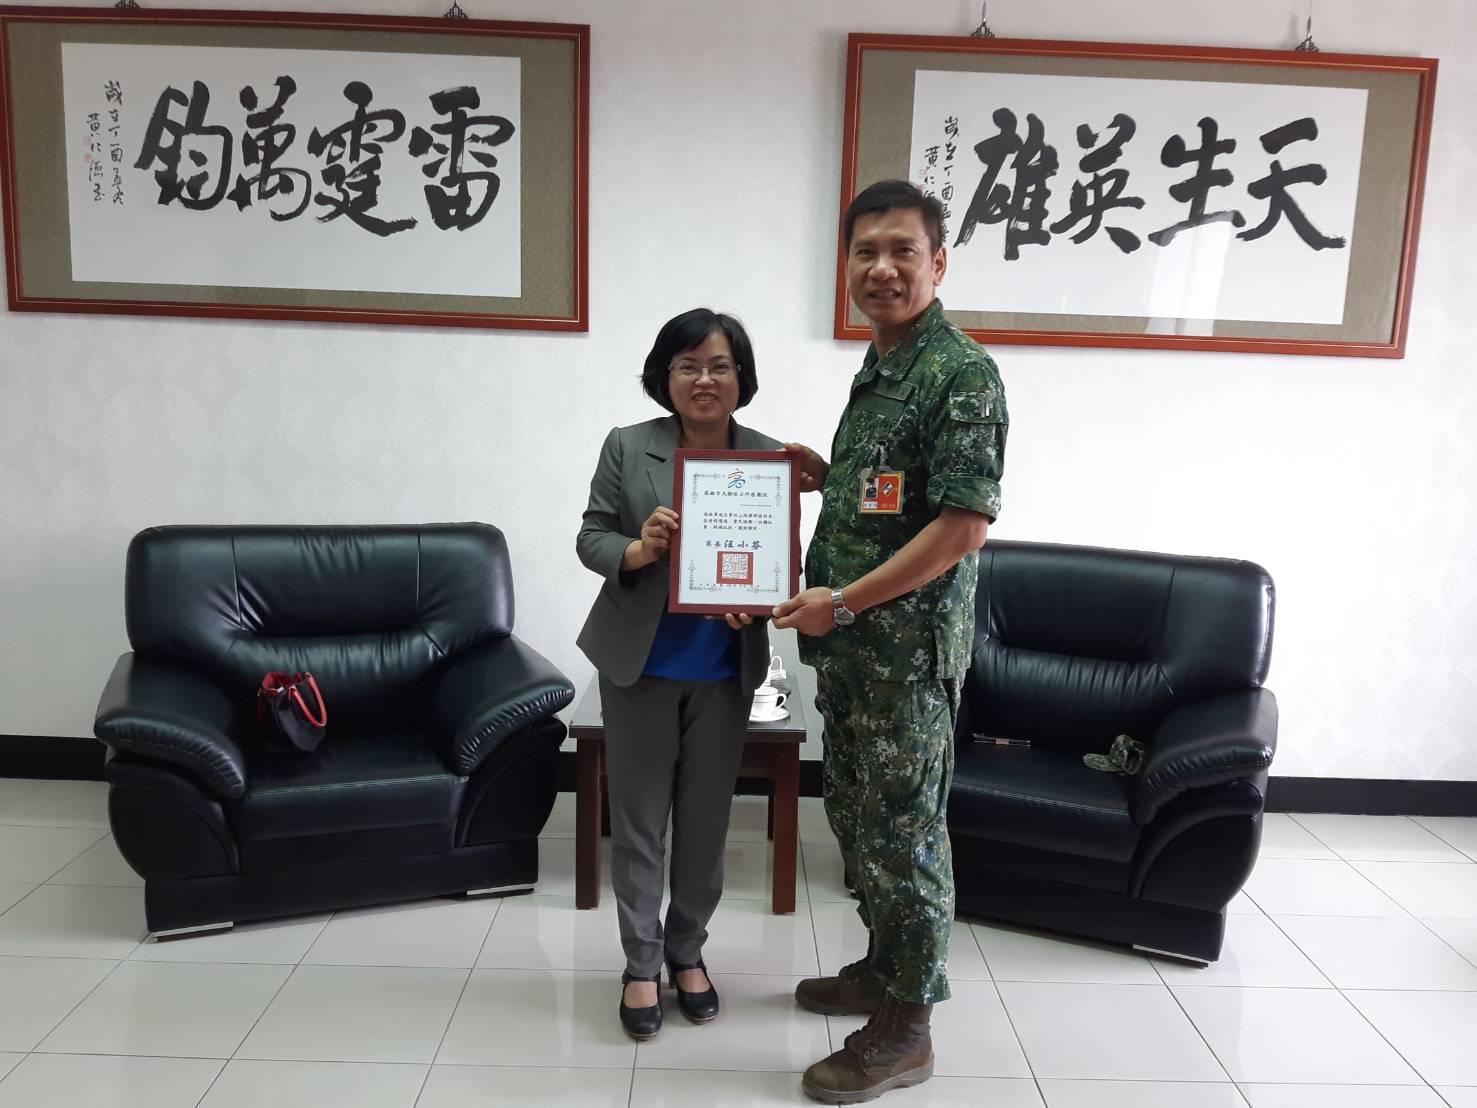 汪區長感謝43砲指部指揮官陳俊源及國軍弟兄協助本區清理環境、愛民睦鄰,特親頒感謝狀,以資感謝。